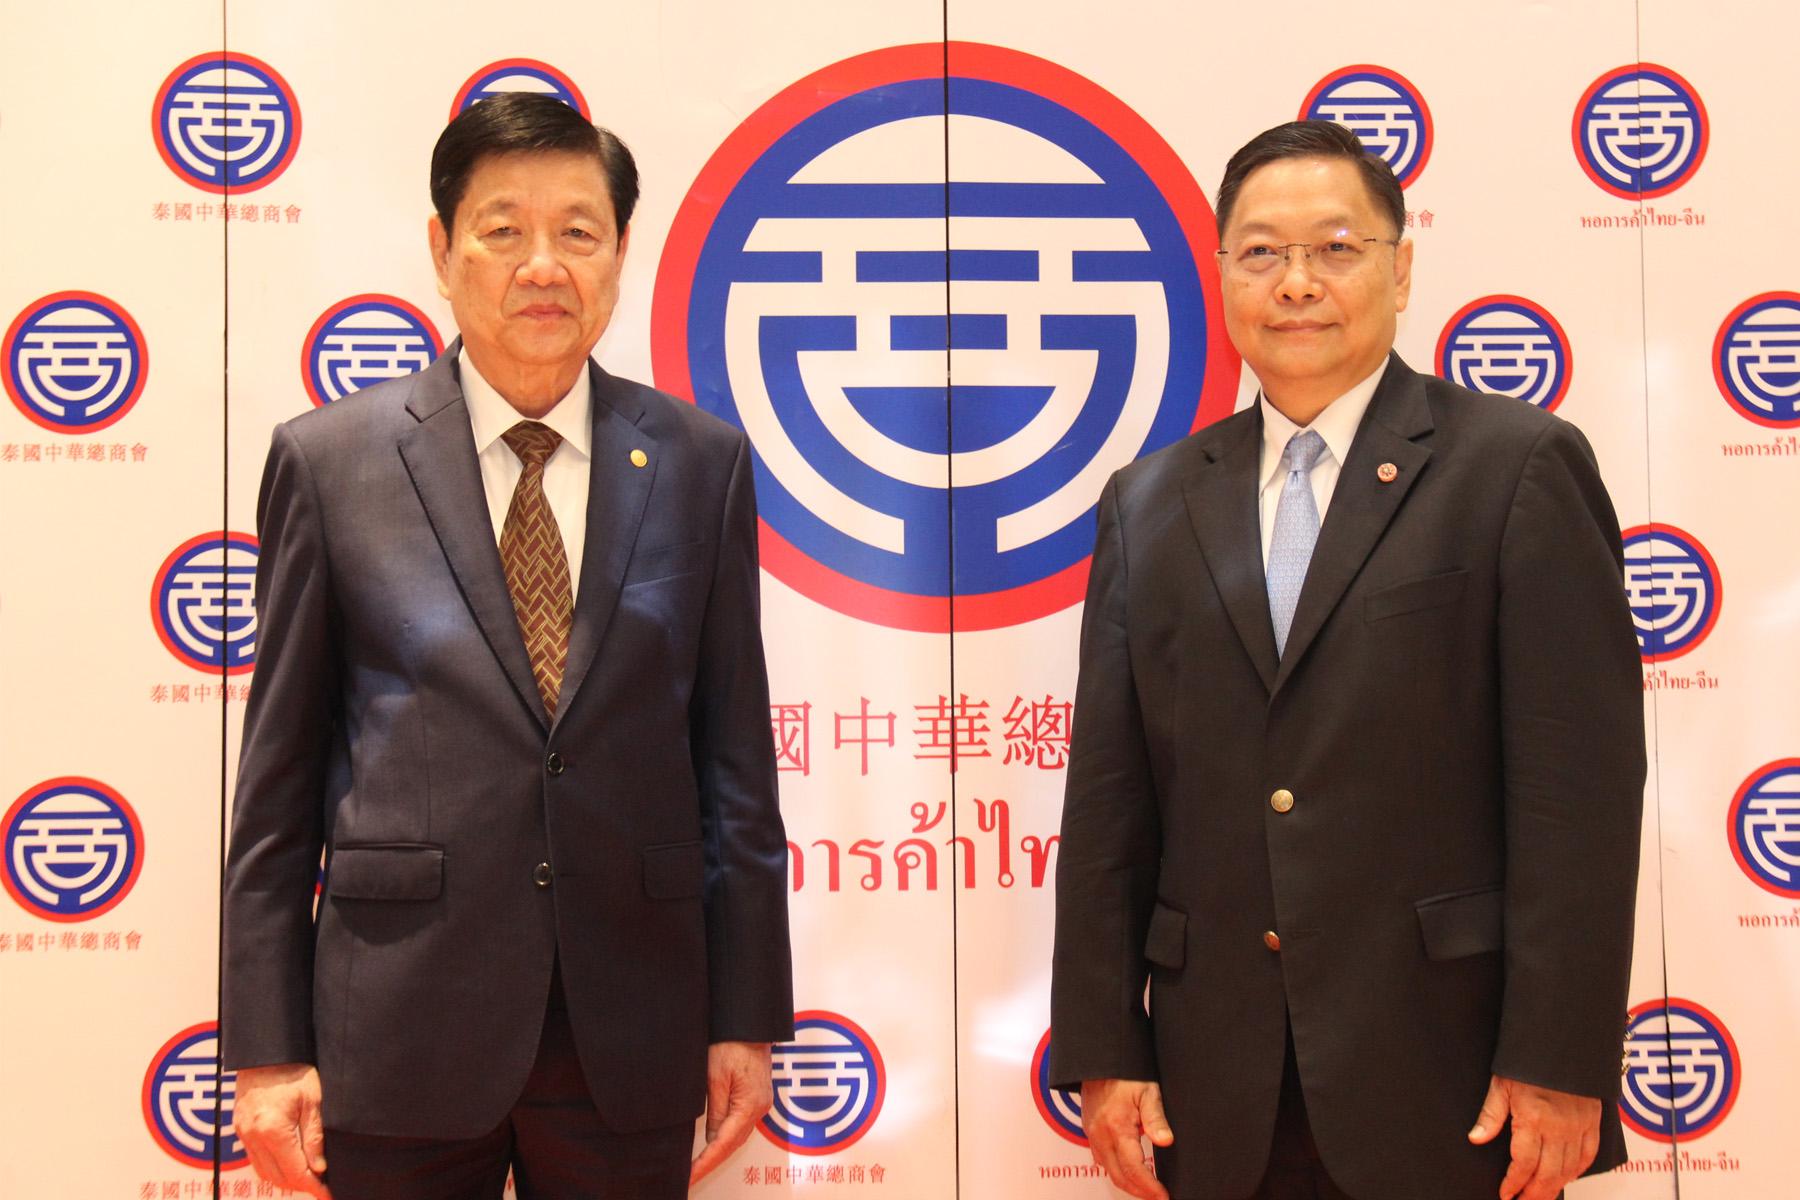 ดัชนีหอการค้าไทย-จีน คาดเศรษฐกิจไทยไตรมาส 2 โตต่อเนื่อง